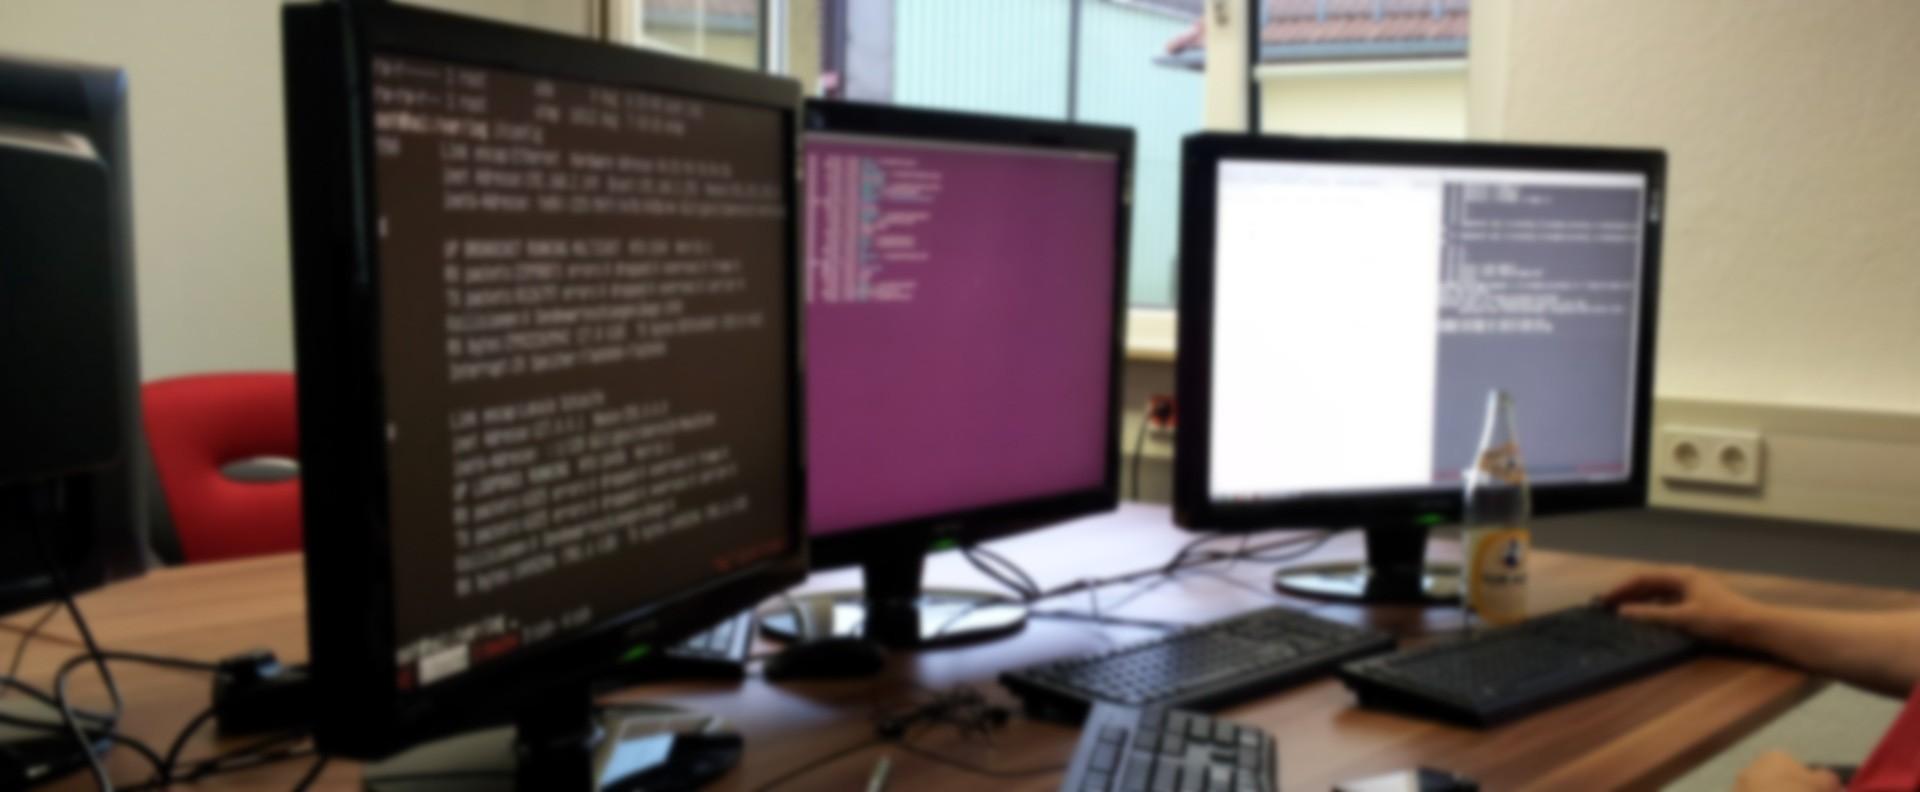 samba 4 porque utilizar servidor linux